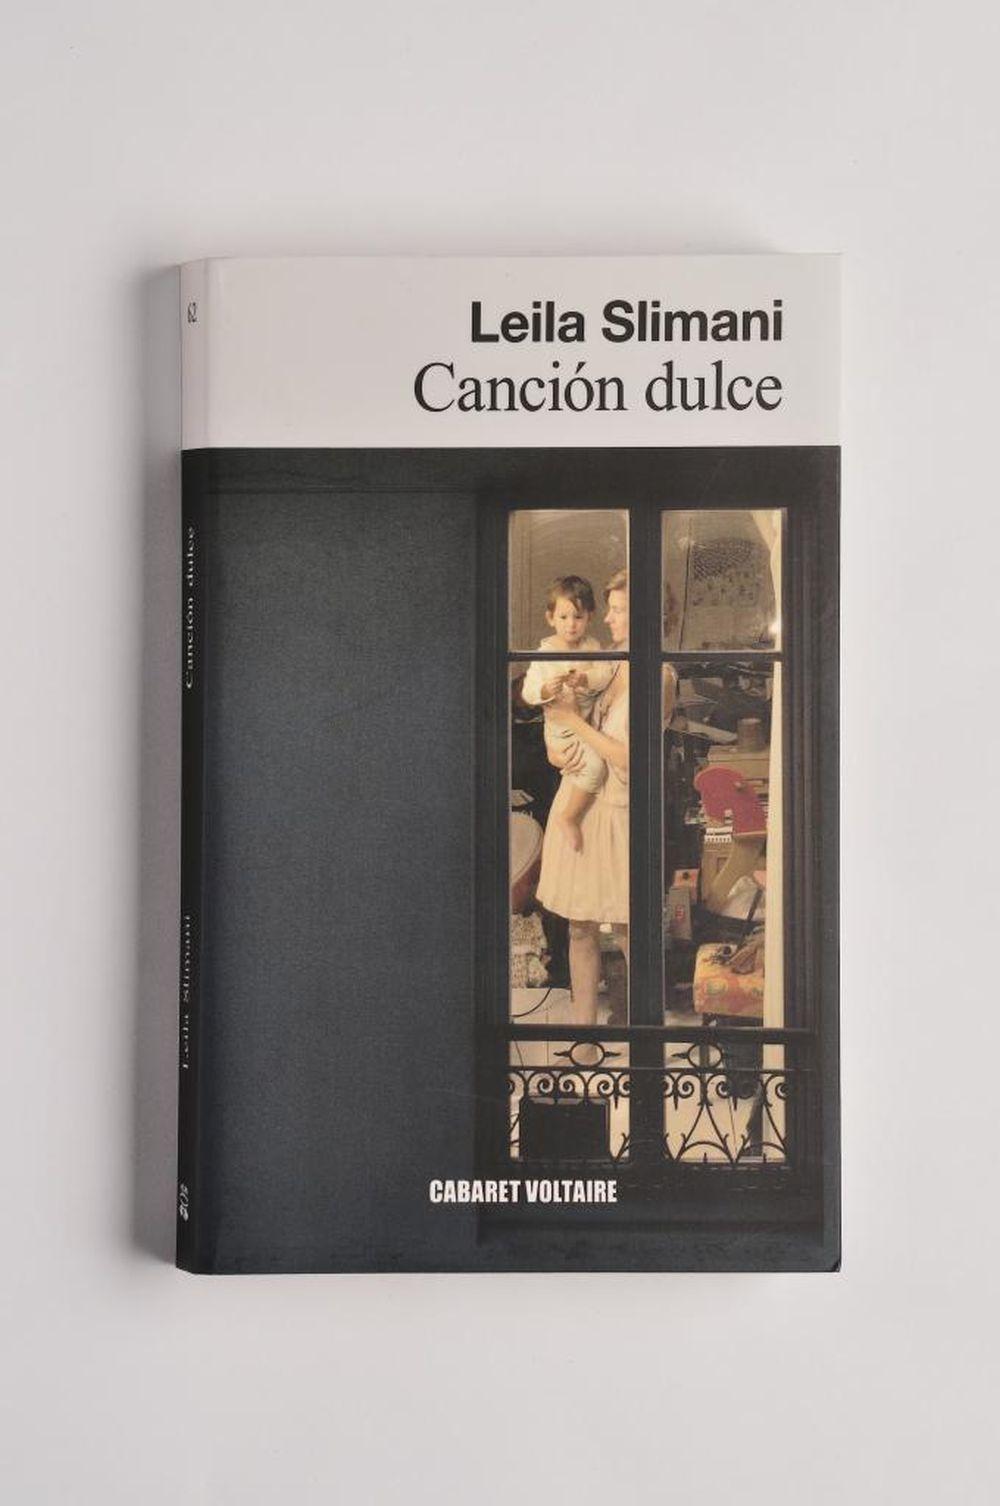 'Canción dulce', Leila Slimani